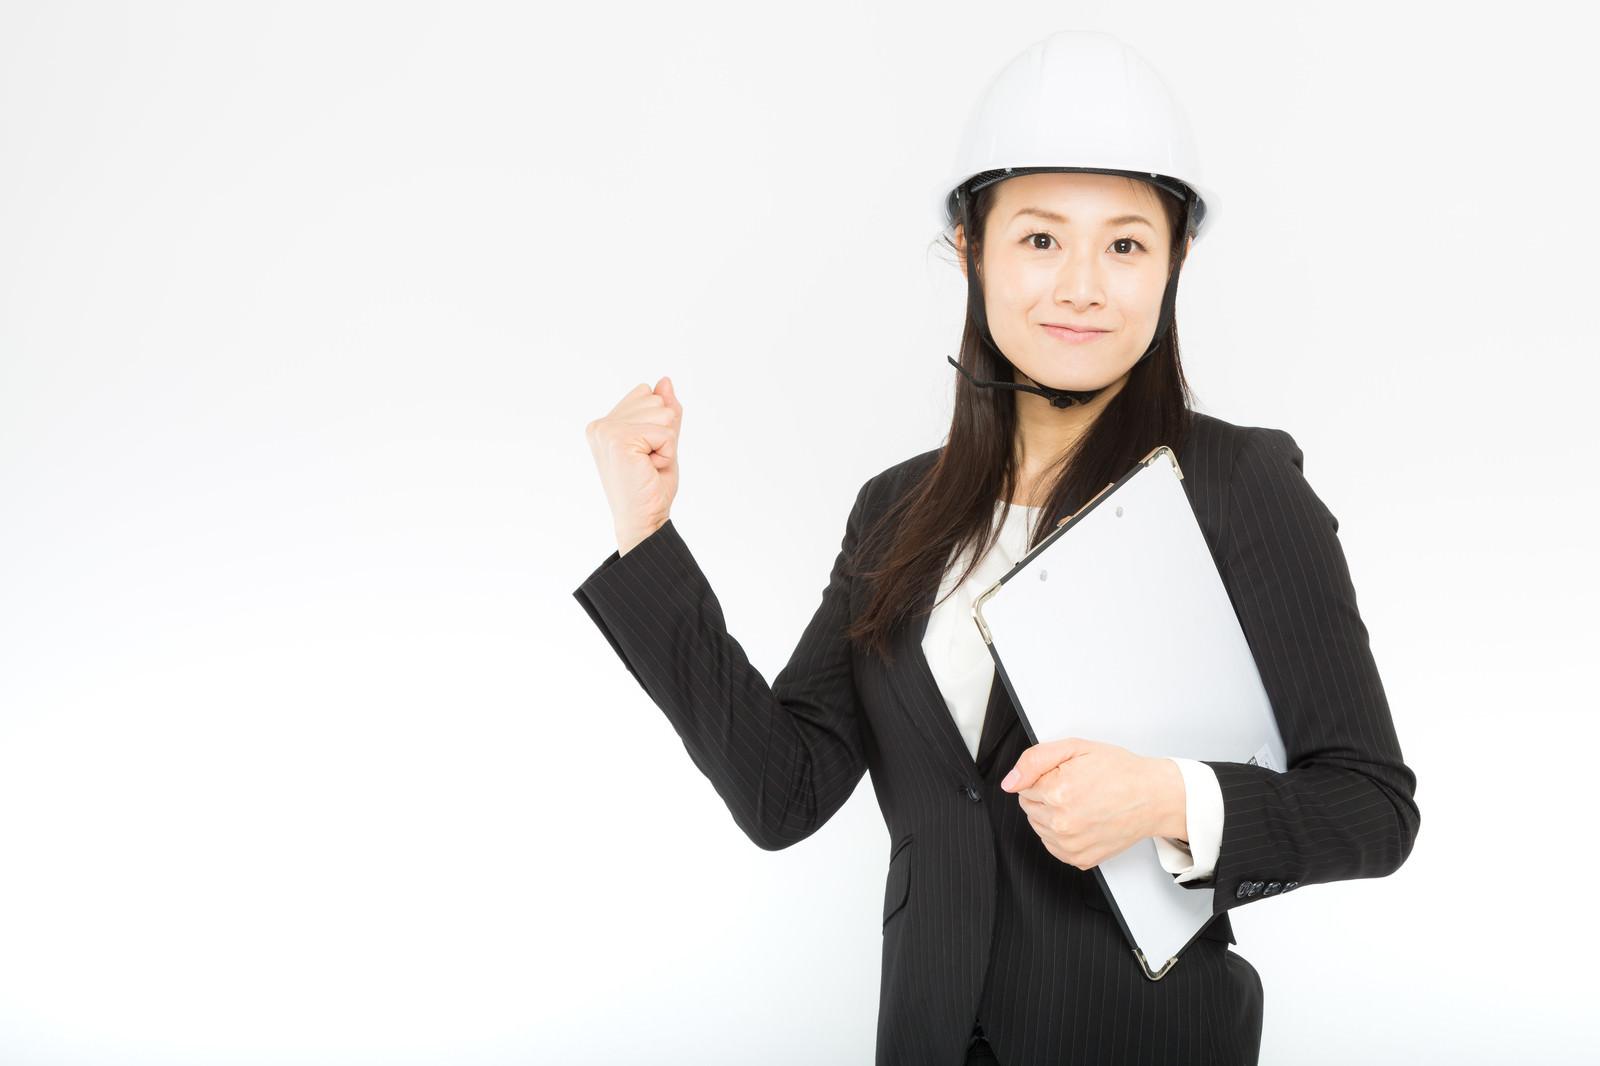 ヘルメットをかぶる女性